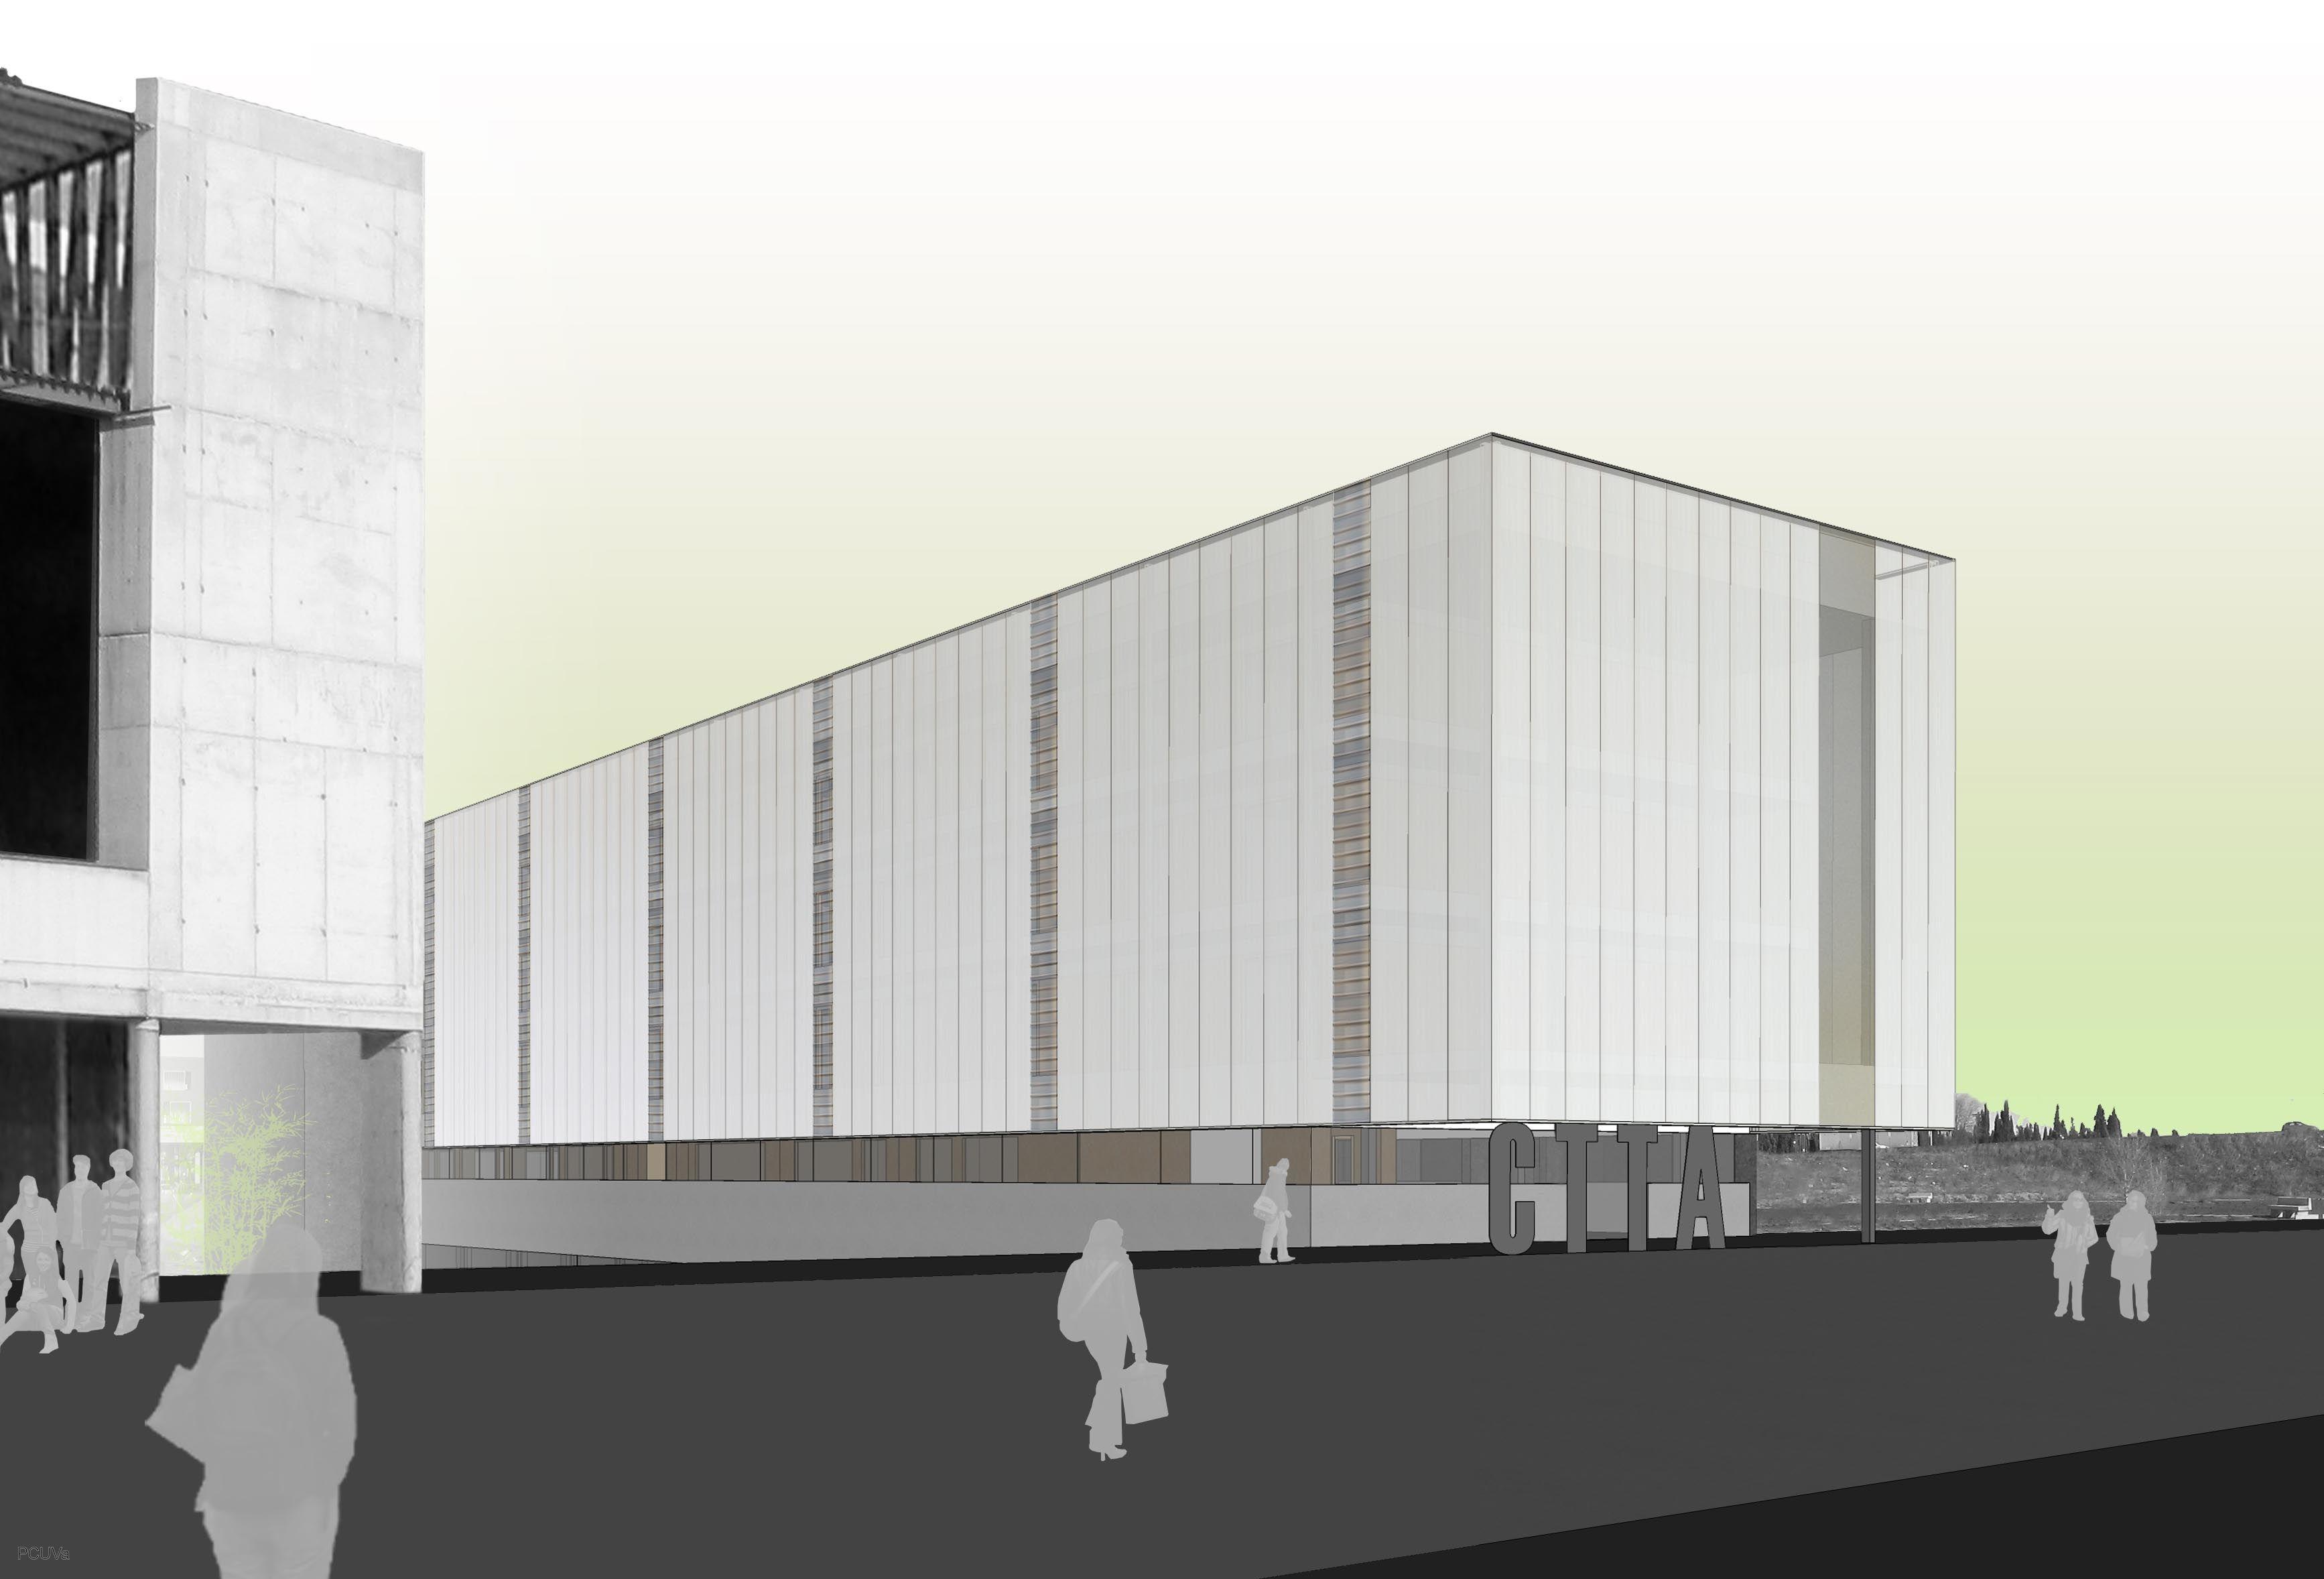 fachada de policarbonato alveolar Buscar con Google Edificios de policarbonato Pinterest